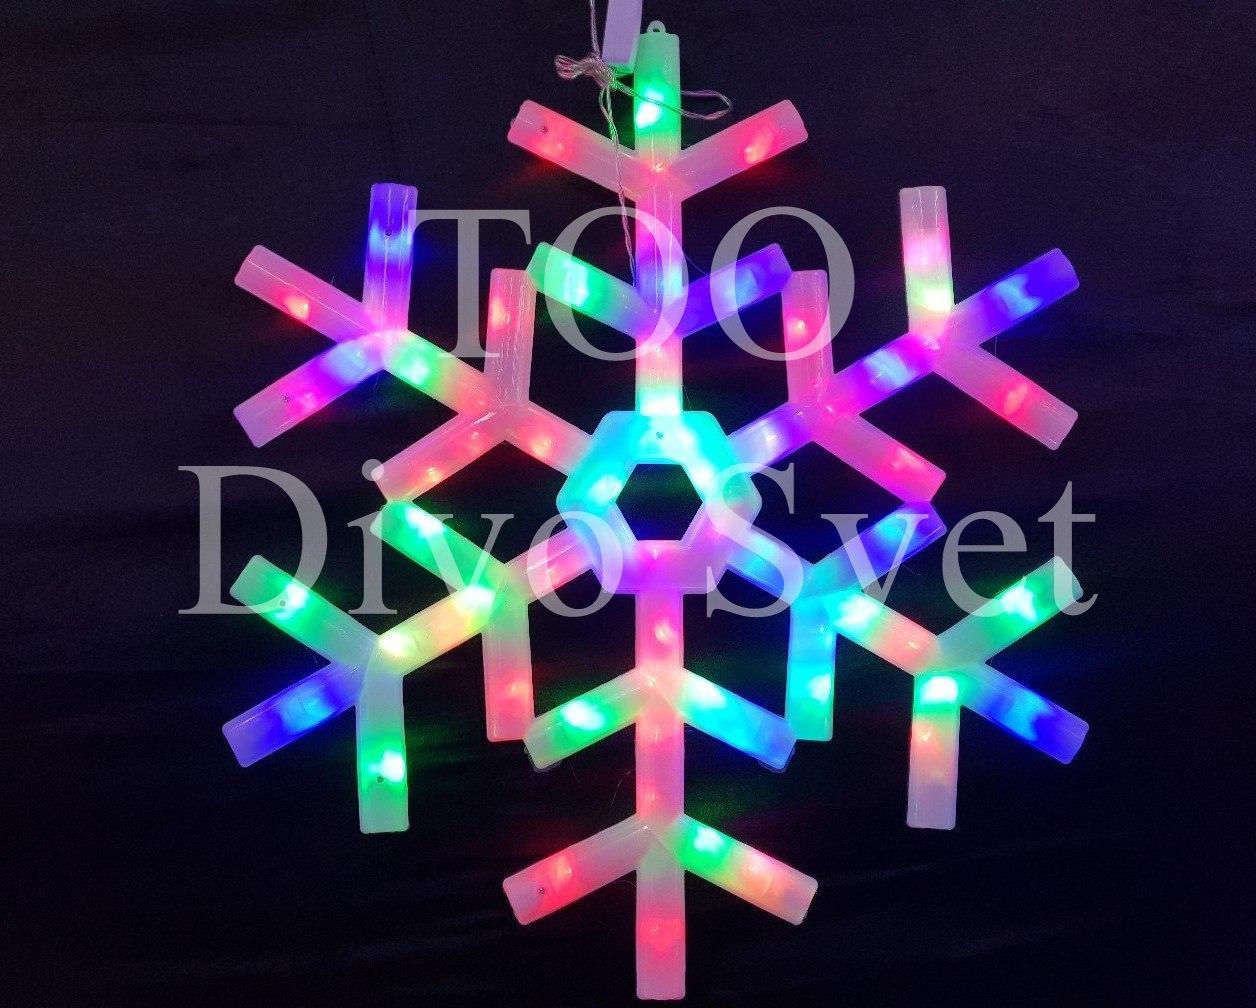 Светодиодная Снежинка пластиковая 55*55 см., Led Снежинка 55*55см, Цветная